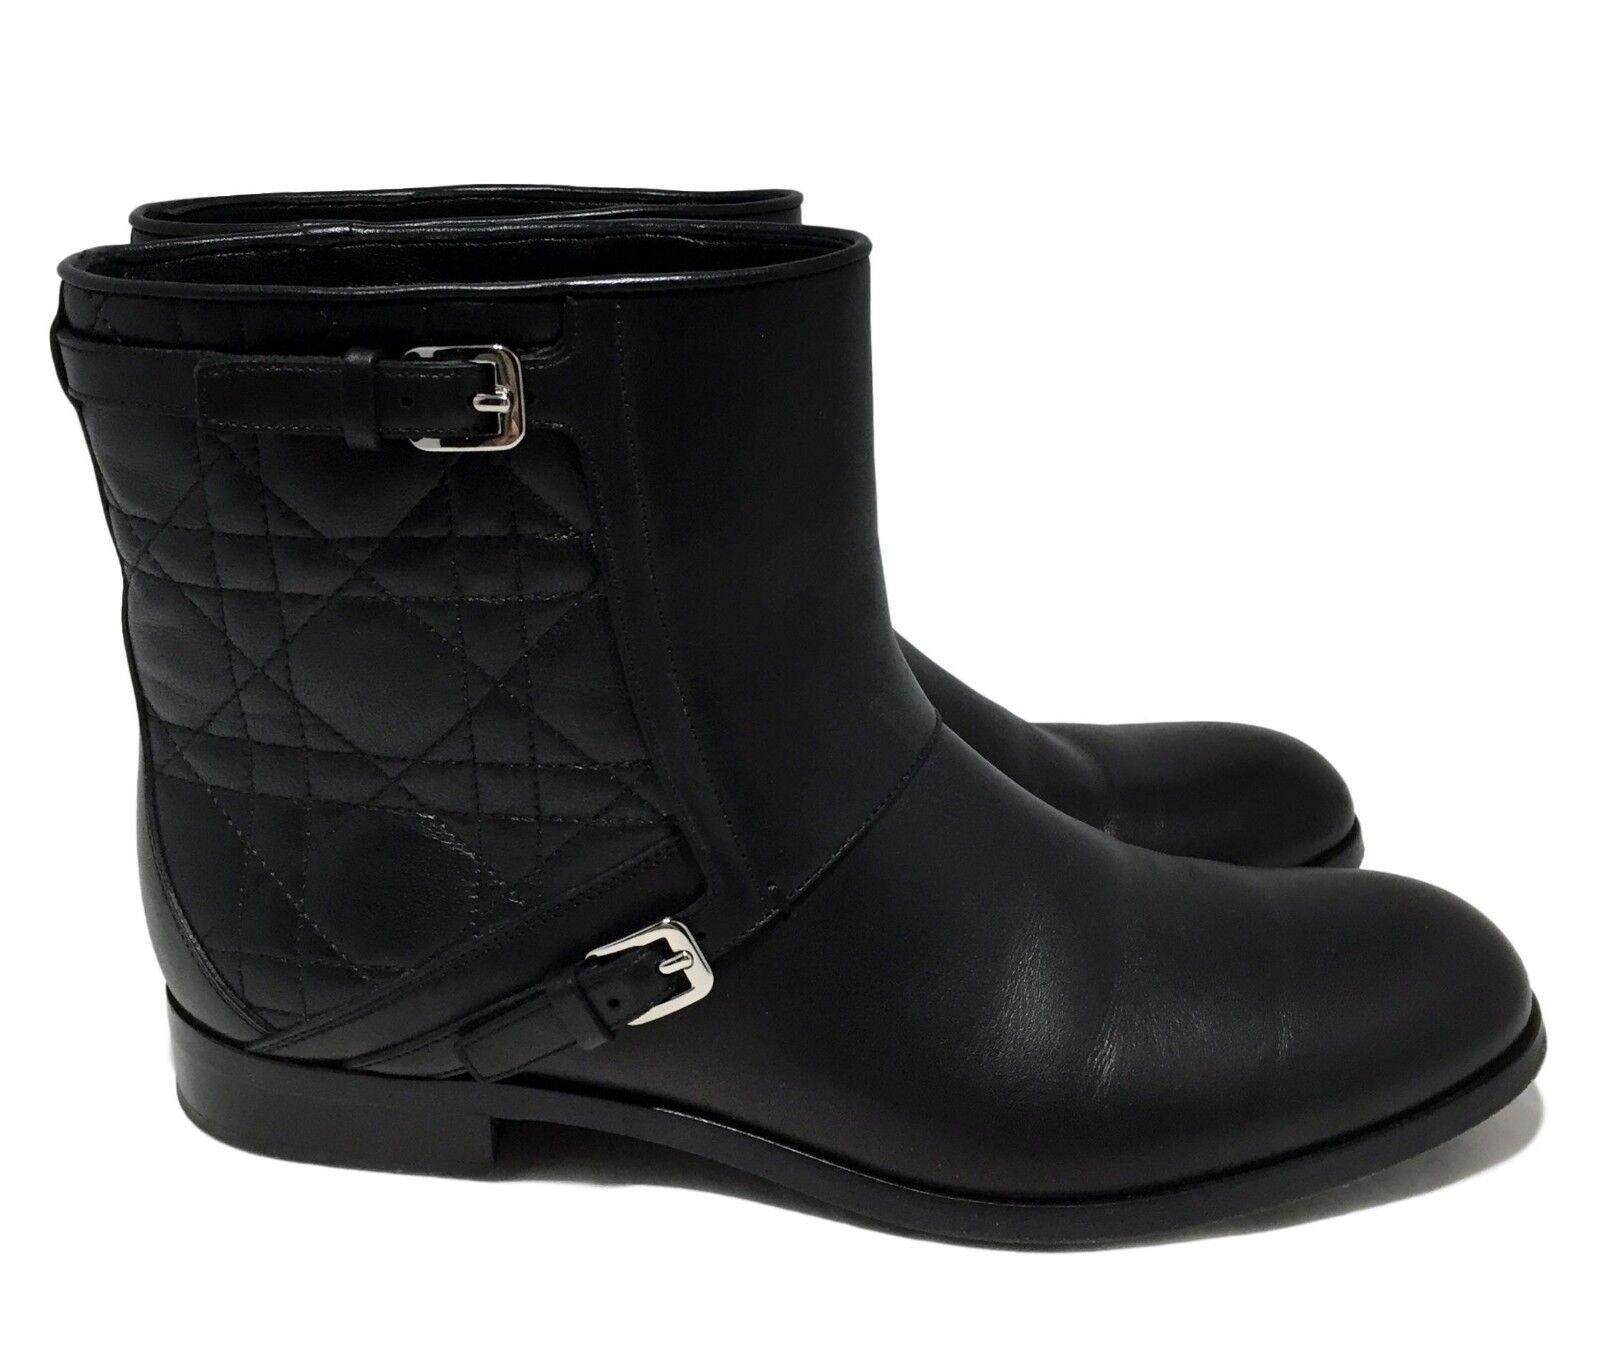 Christian Dior lágrimas 'City' Negro botas al al al tobillo, 38.5 7.5, 1650    mas preferencial